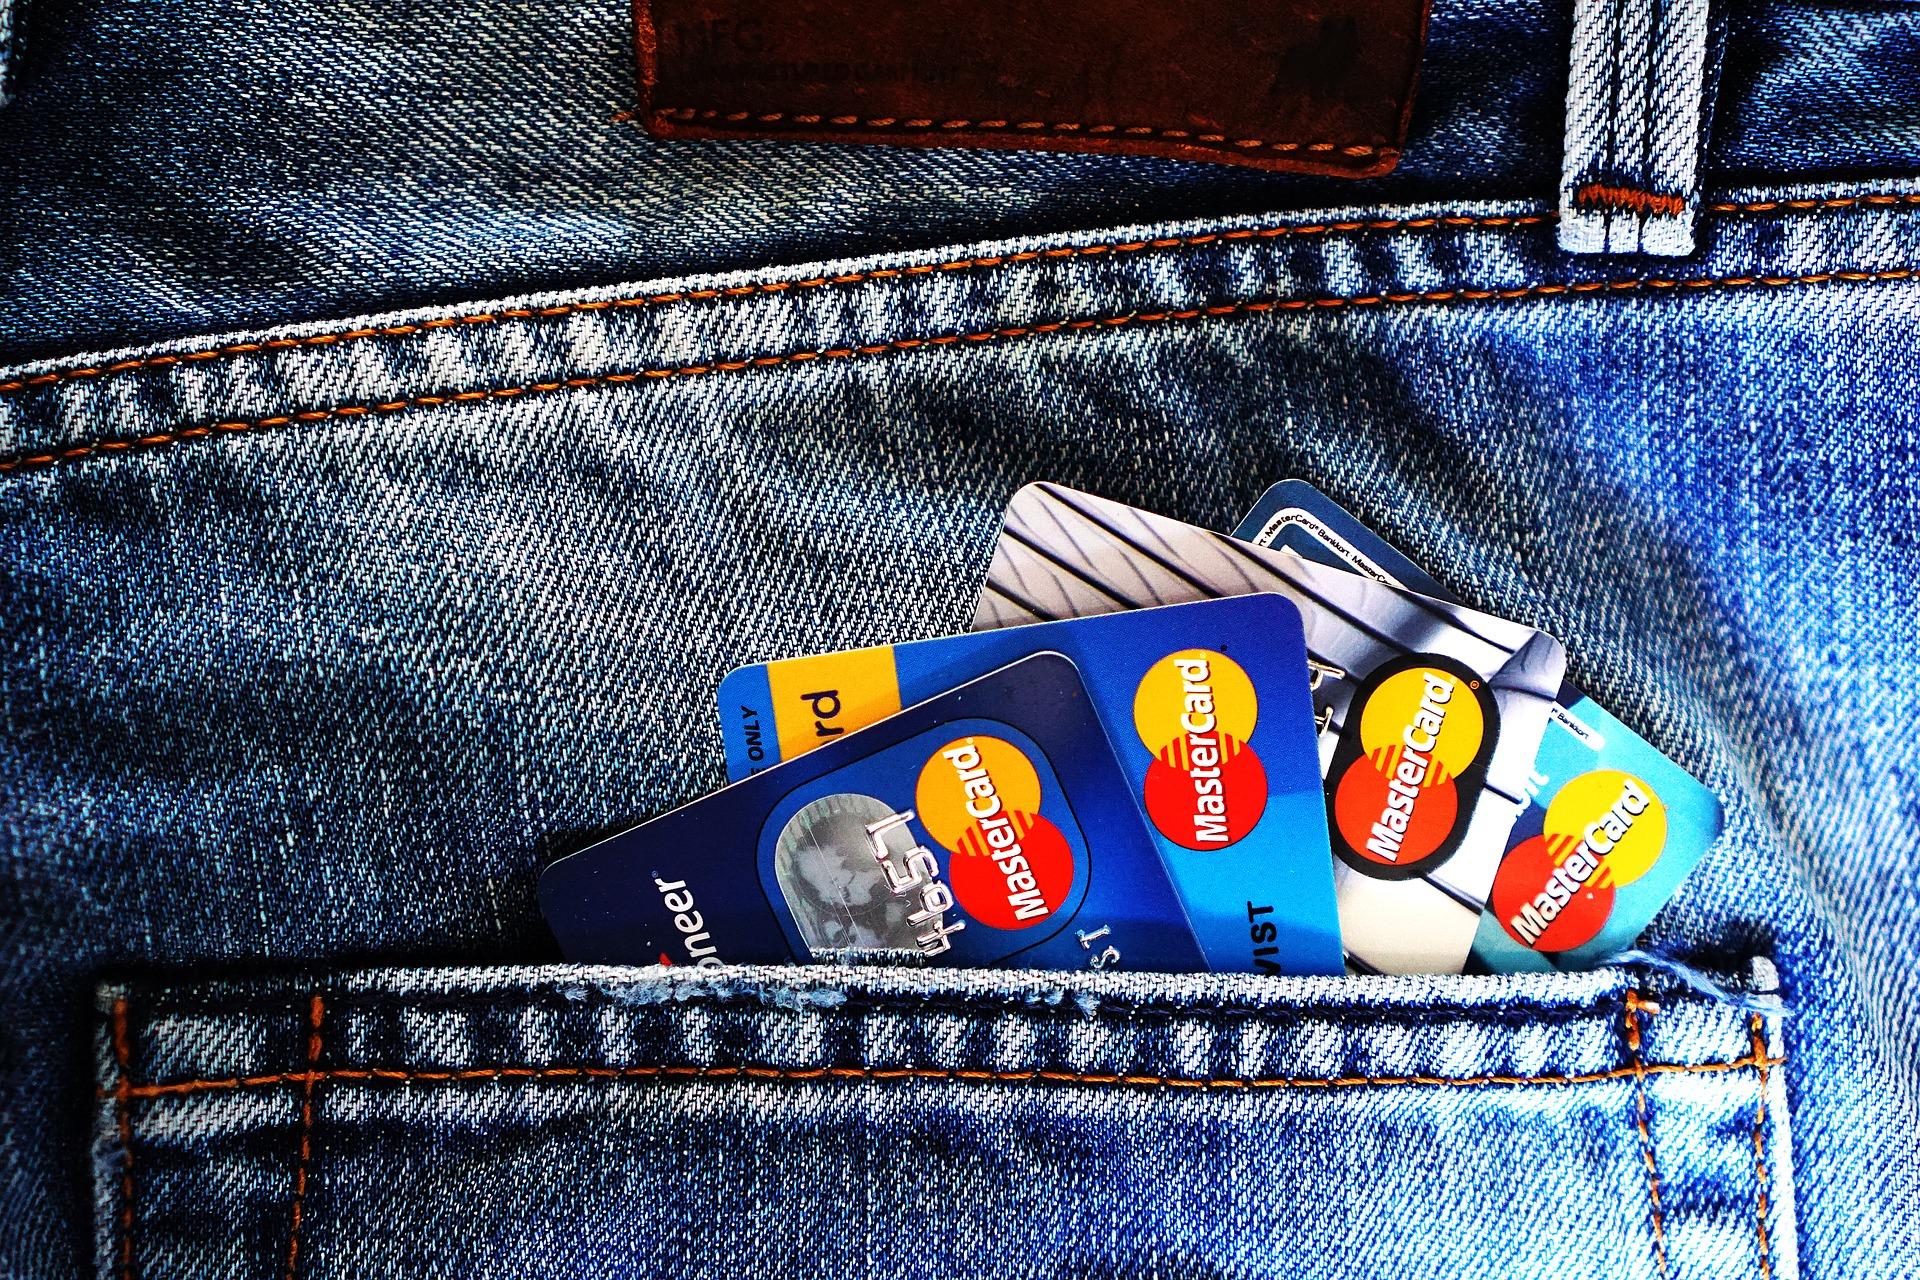 Calendrier Debit Differe La Banque Postale 2020.Debit Immediat Ou Debit Differe Lequel Choisir Pour Sa